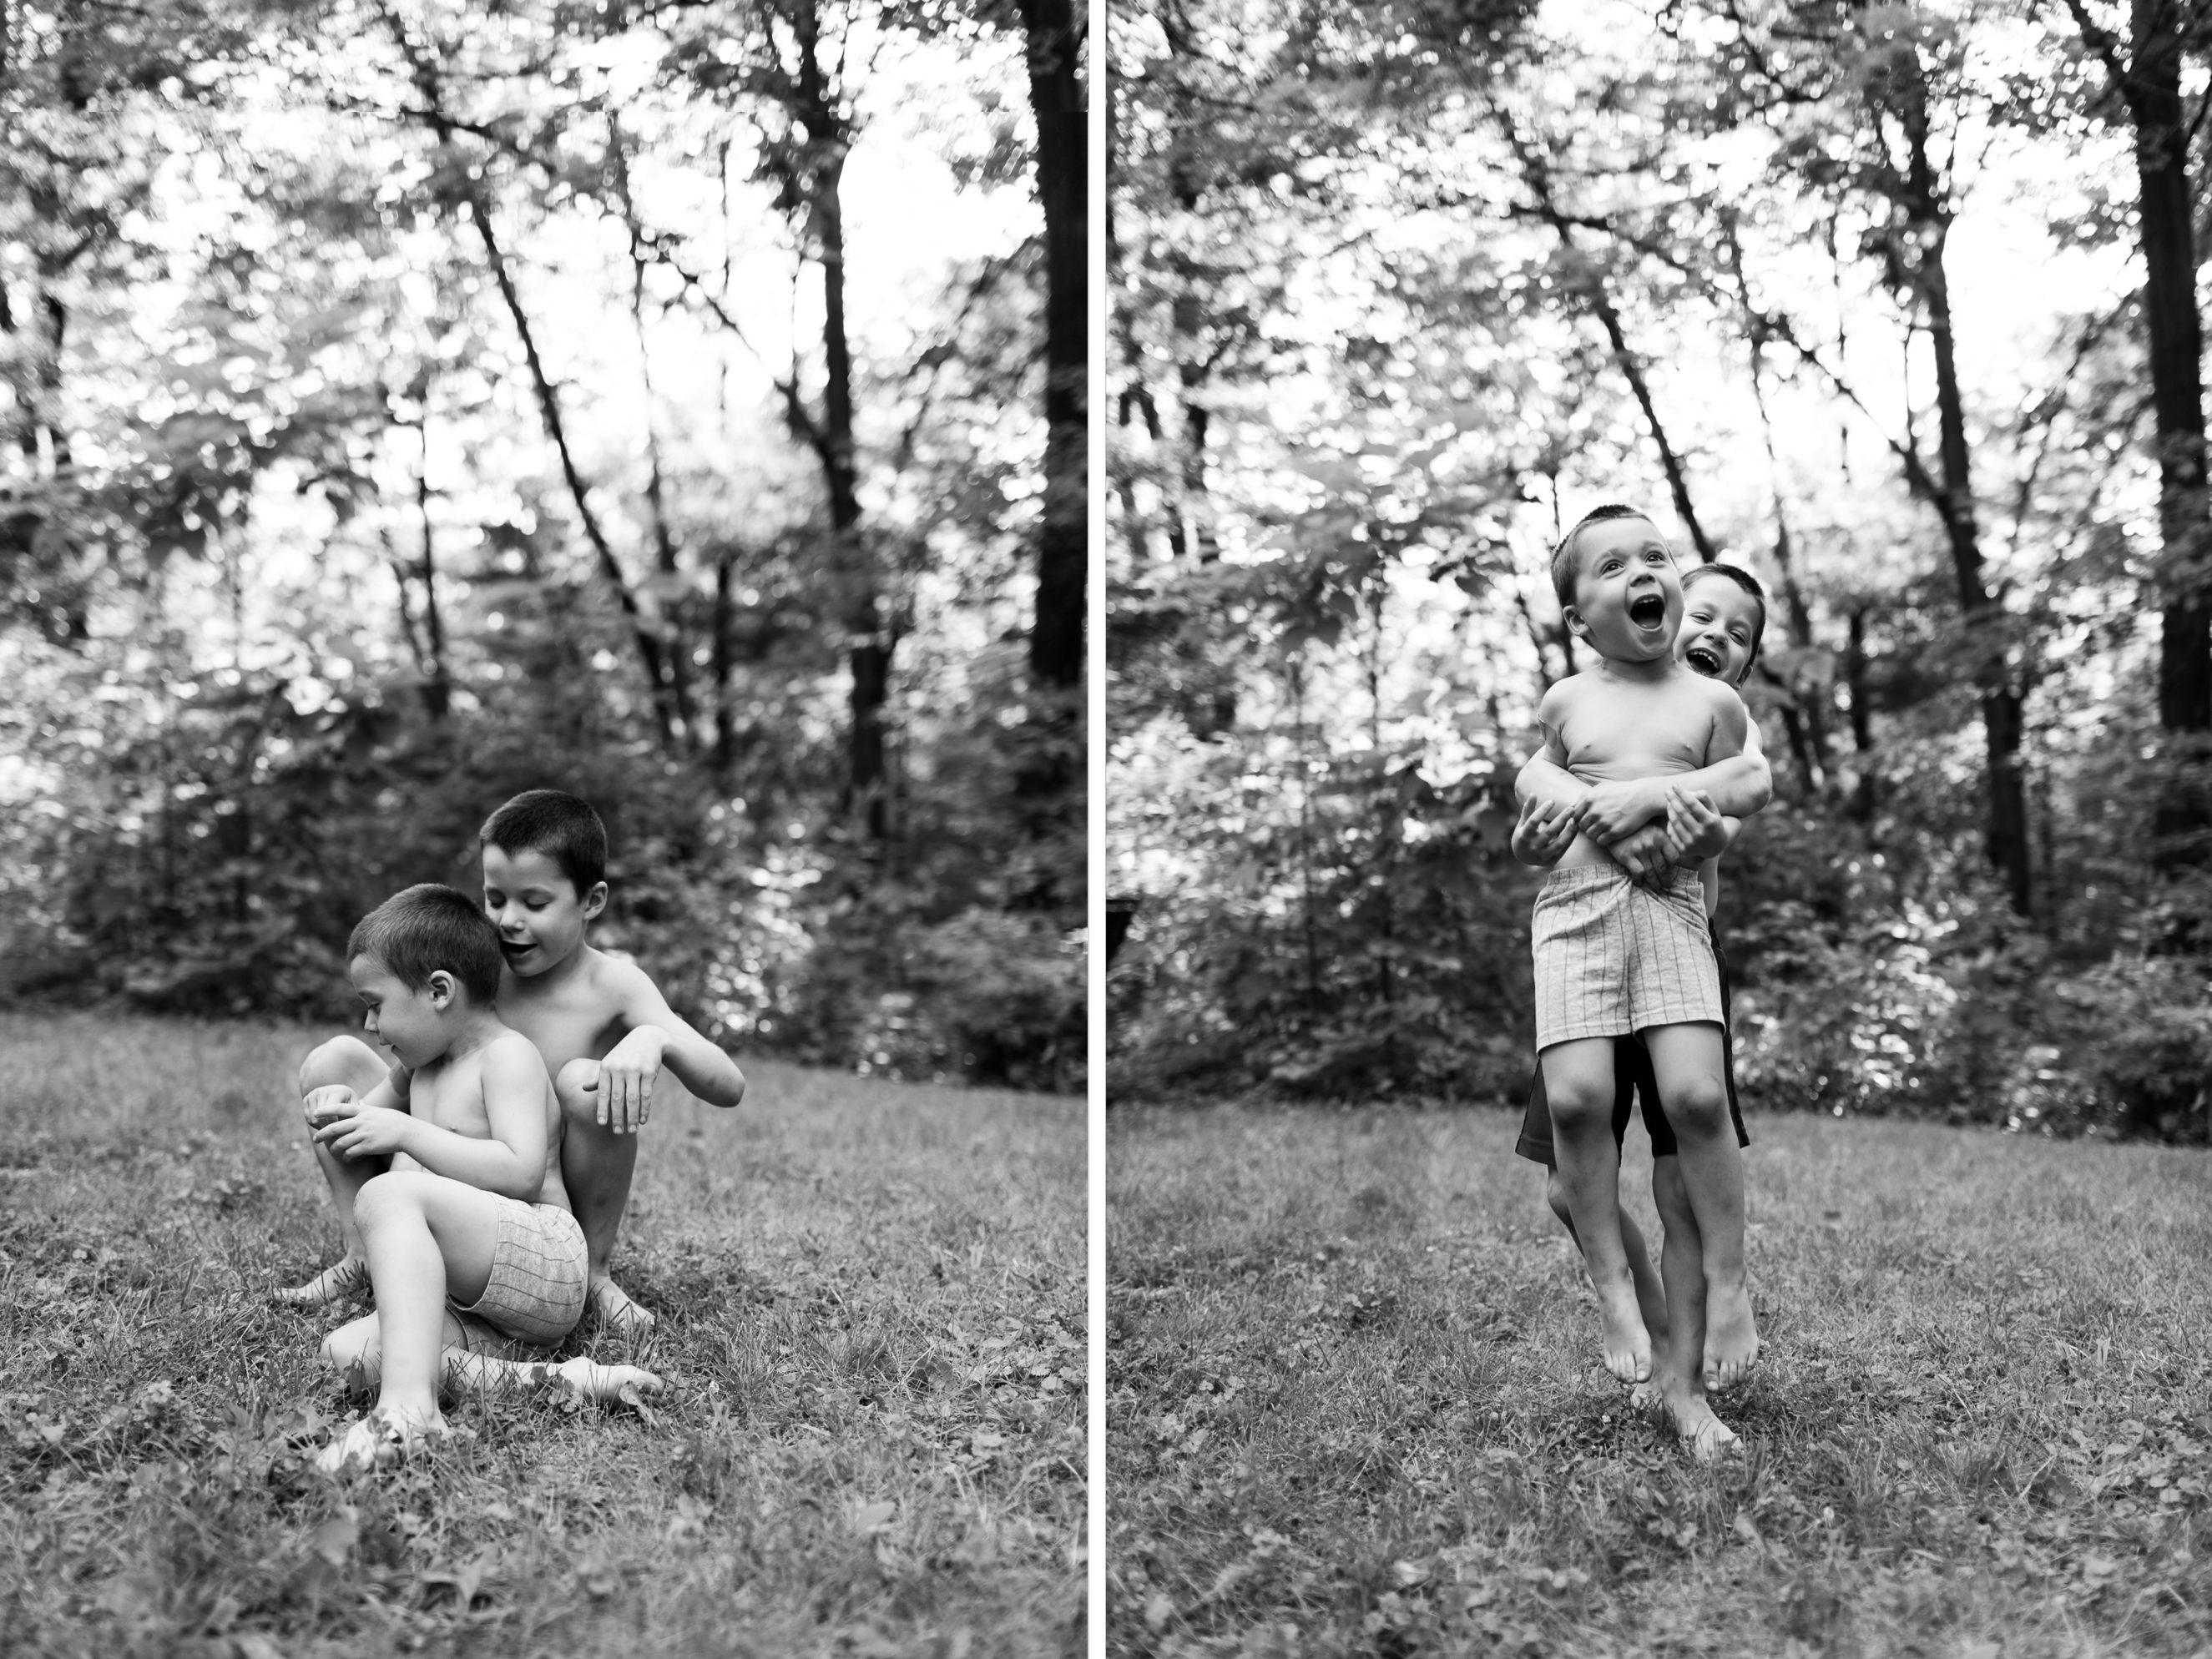 6-les-twins_20140621-wywh-24.jpg